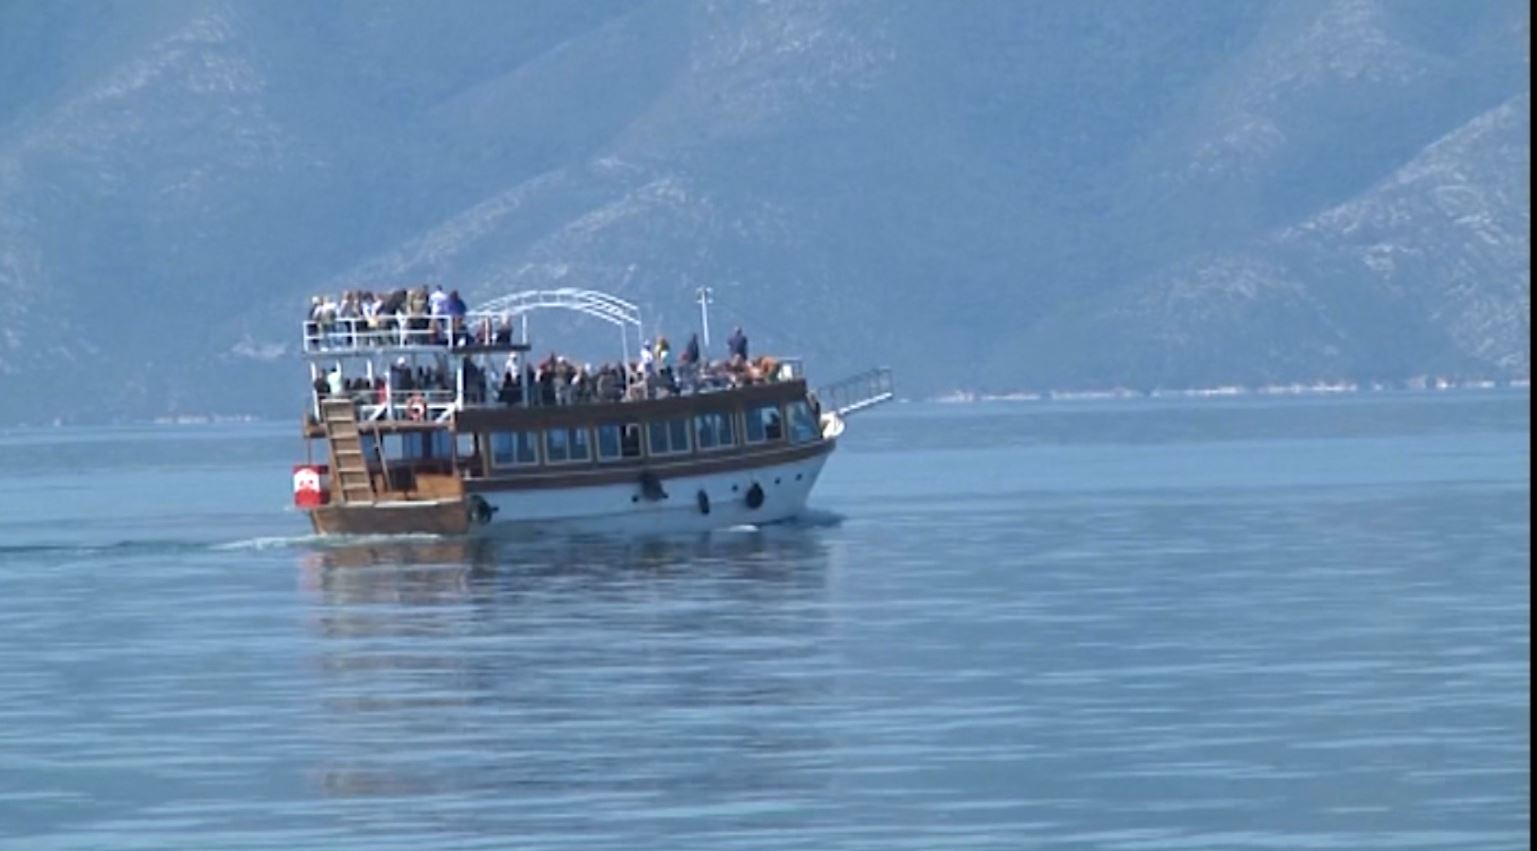 Rreziku në anije, kapiteneria e portit të Vlorës operacion për kushtet e sigurisë